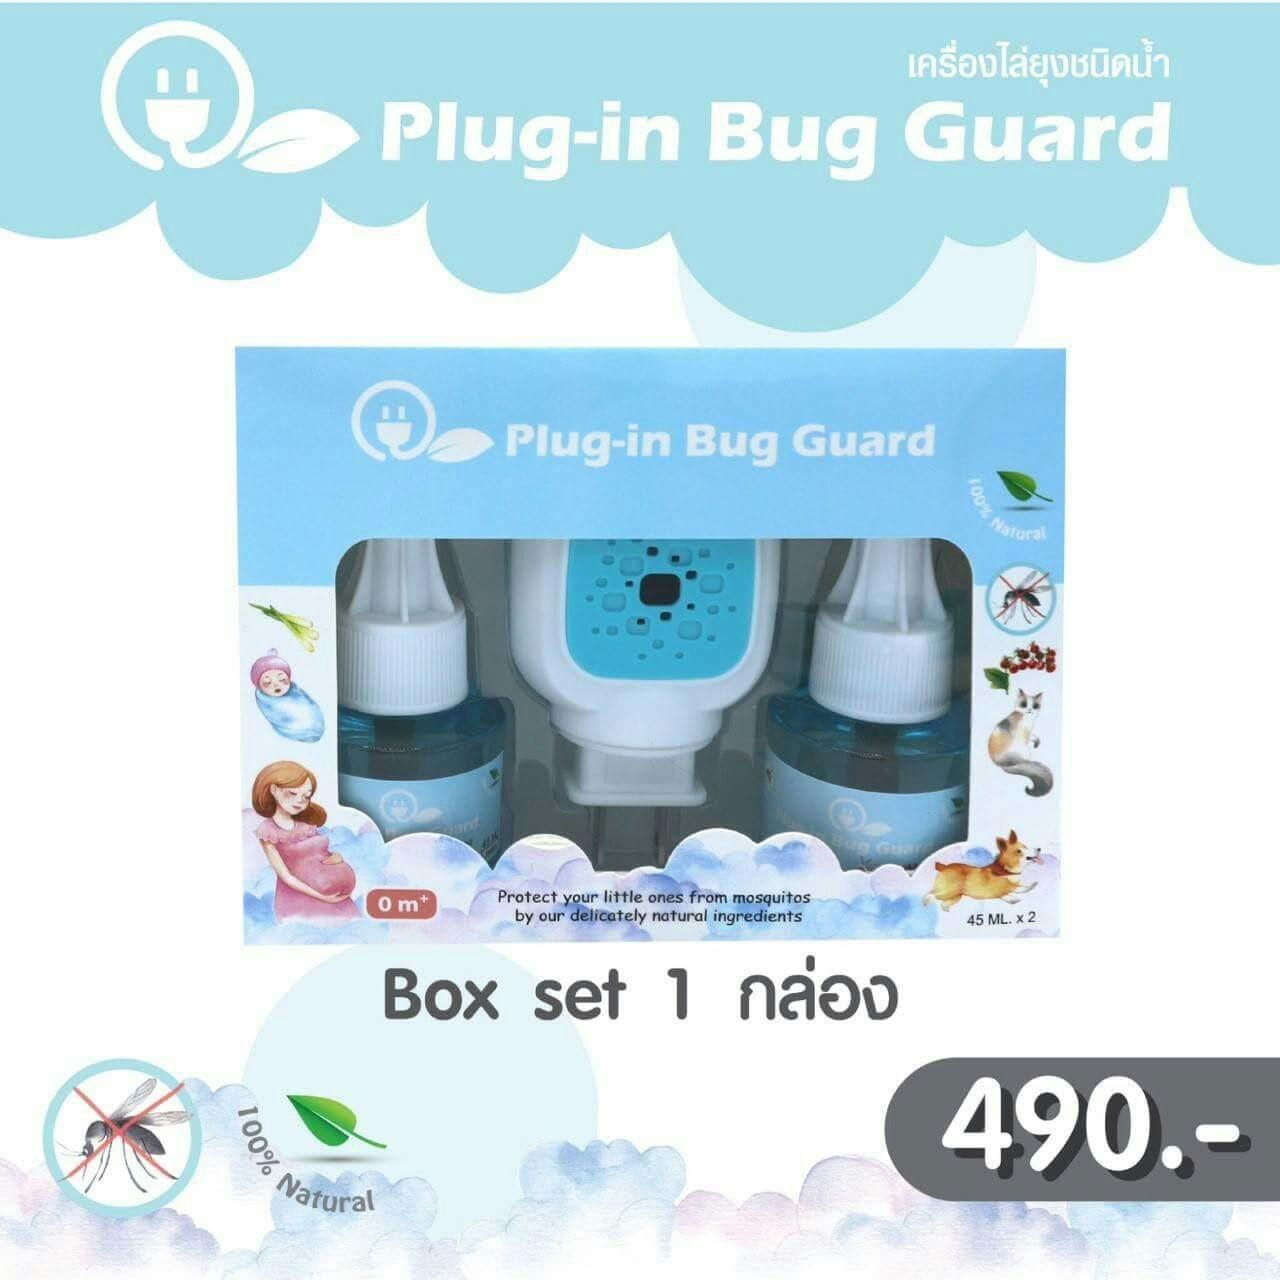 ราคาพิเศษ เหลือ 390 บาท จากราคา 490 บาท Plug In Bug Guard ผลิตภัณฑ์กันยุงชนิดน้ำแบบเสียบปลั๊ก